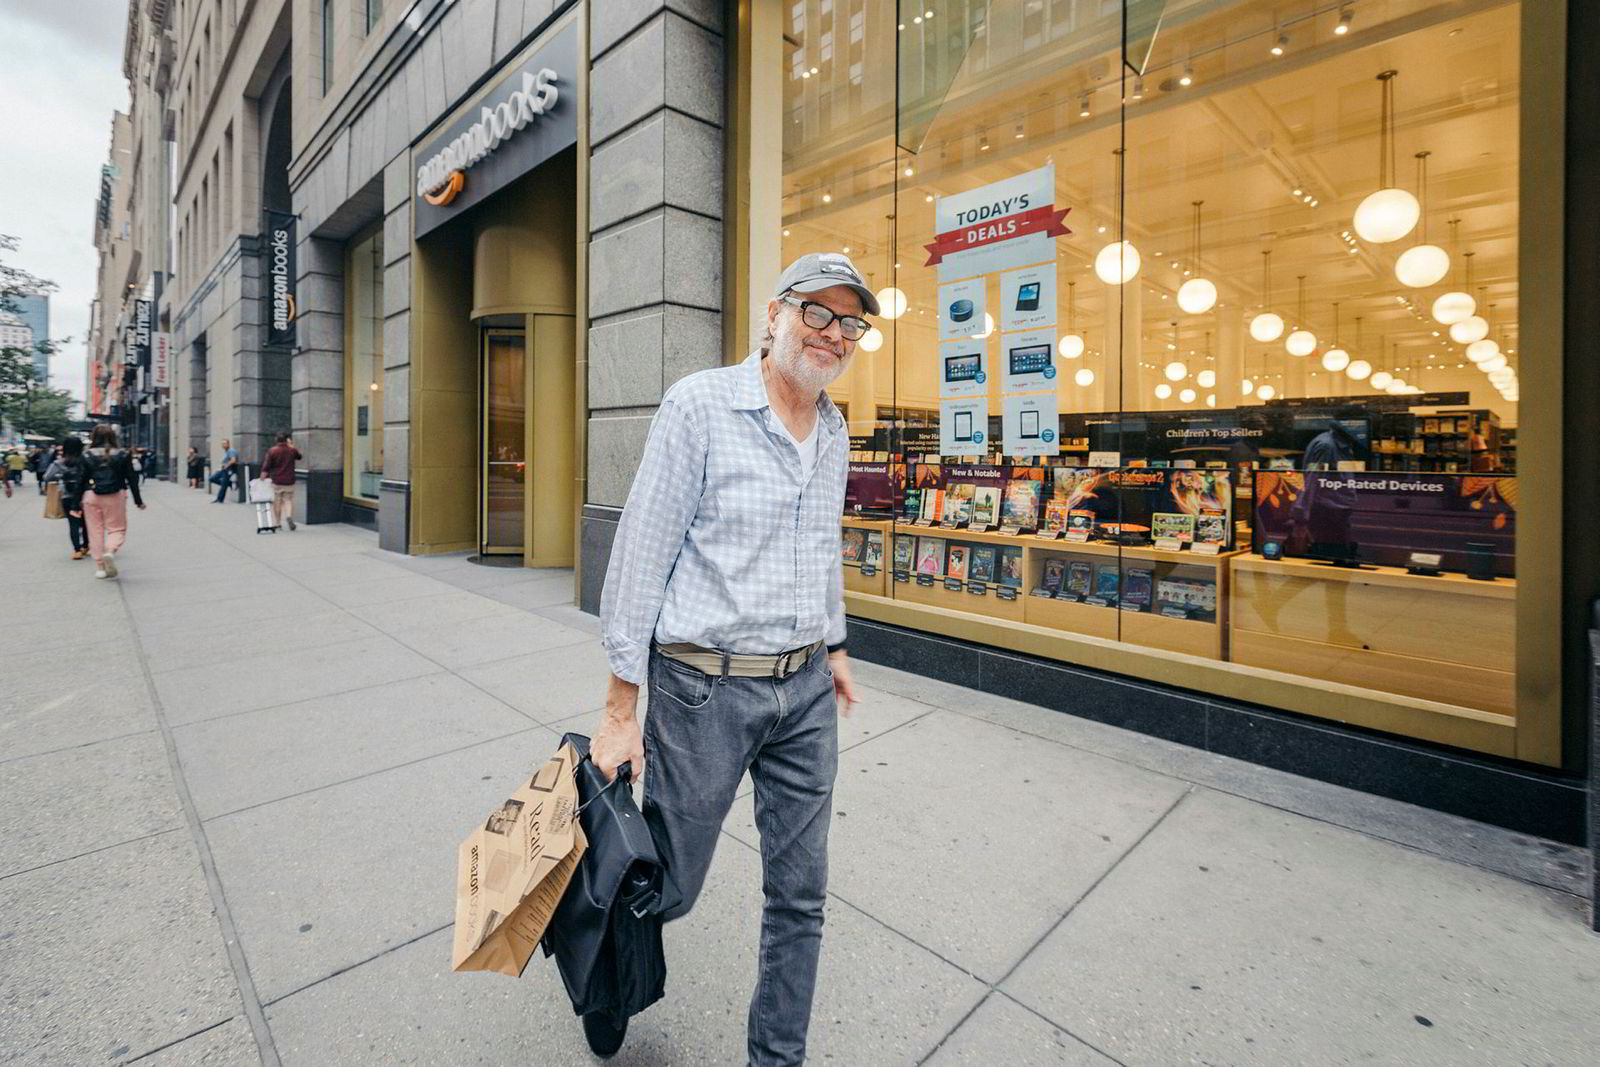 Designer Roger Shepherd har vært innom Amazon Books for å bytte et gammelt Kindle-lesebrett med et nytt. Han foretrekker å snakke med betjeningen, og synes nettet er ensomt.